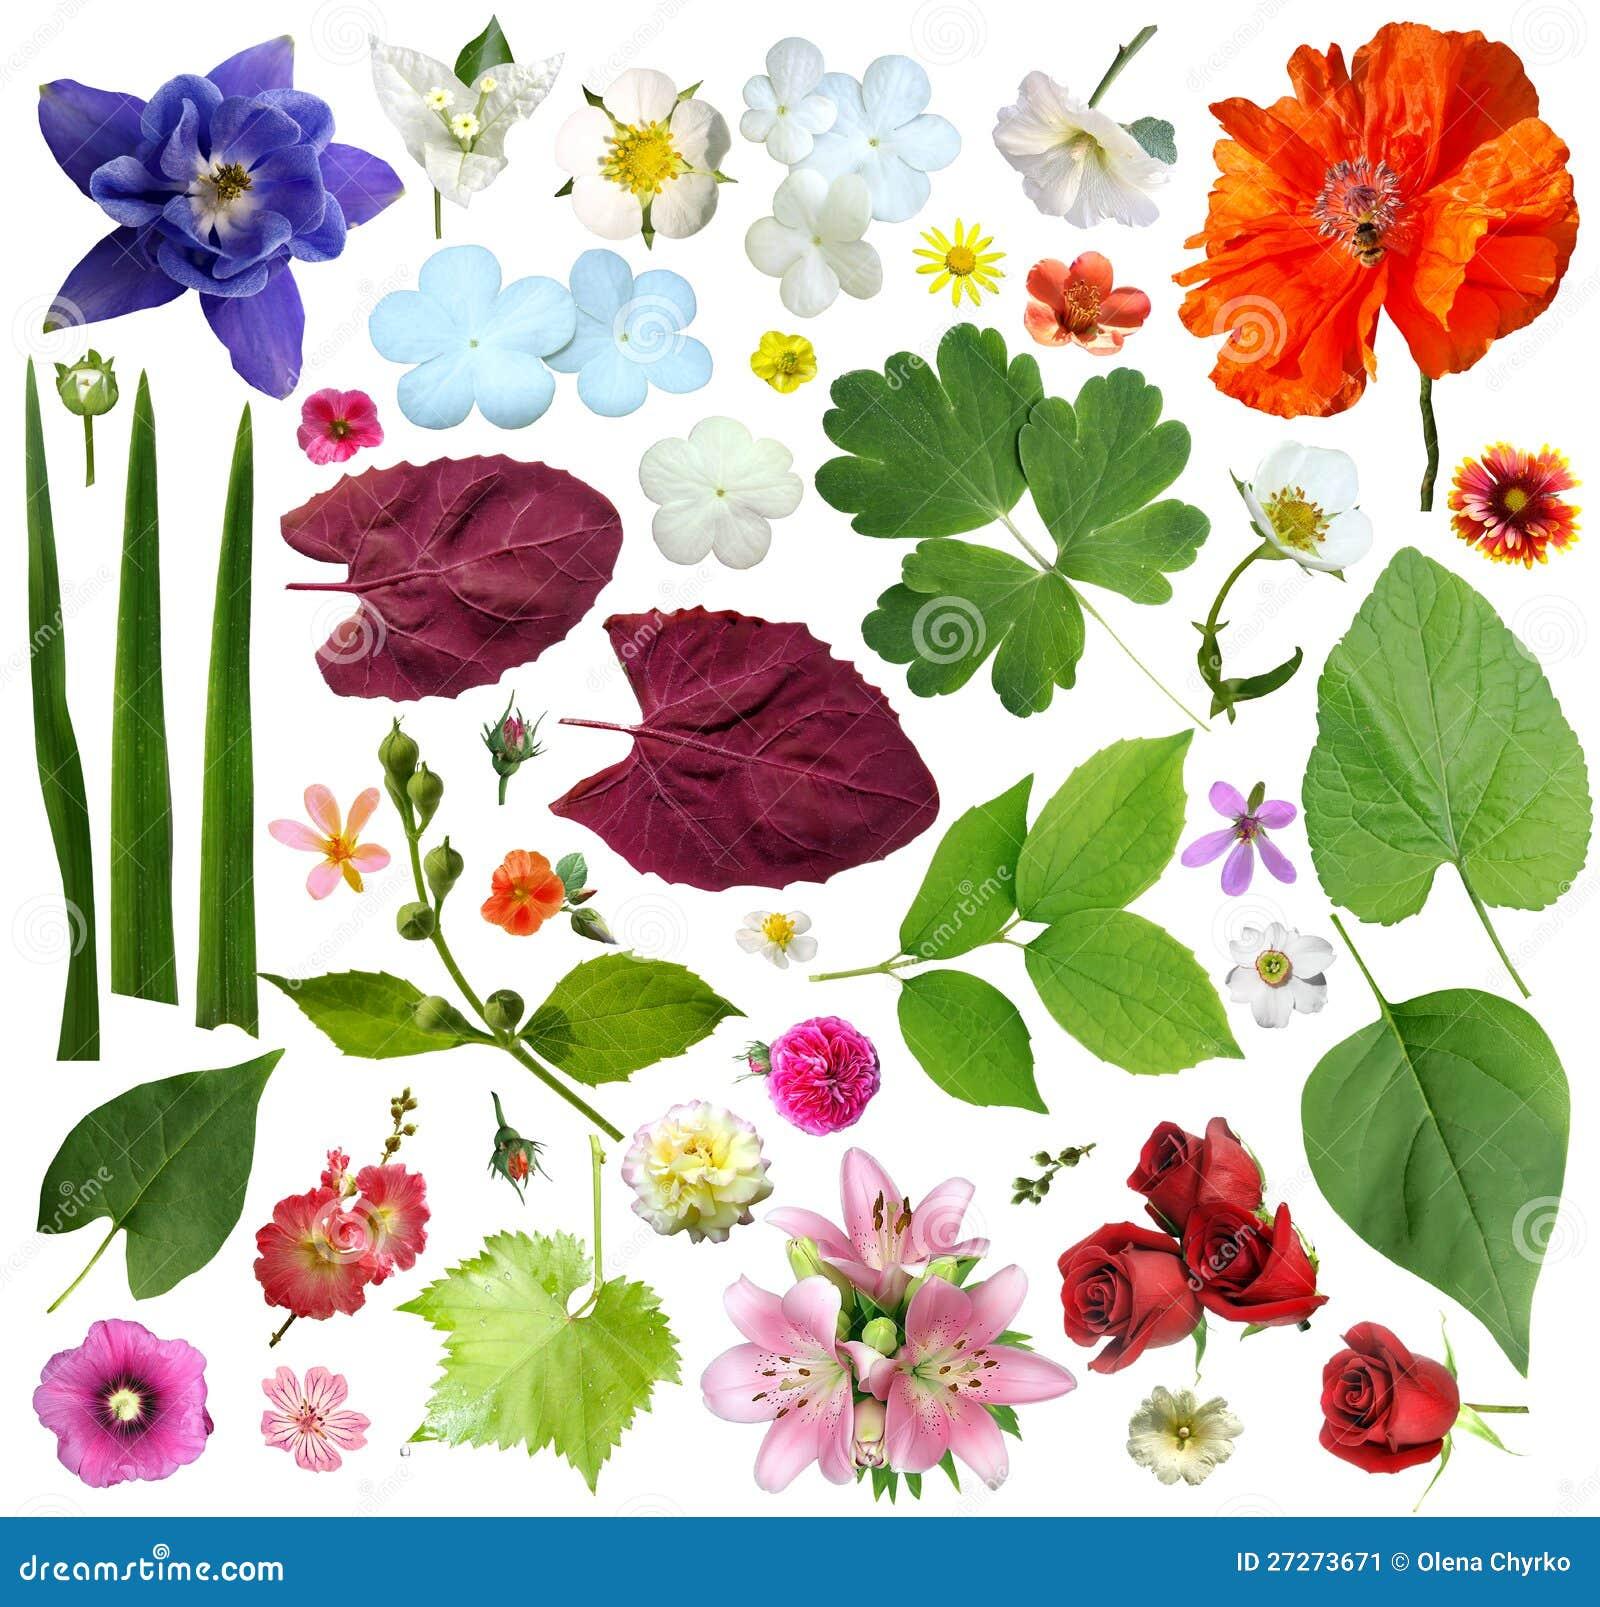 Set av växtelement - blommor och leaves.